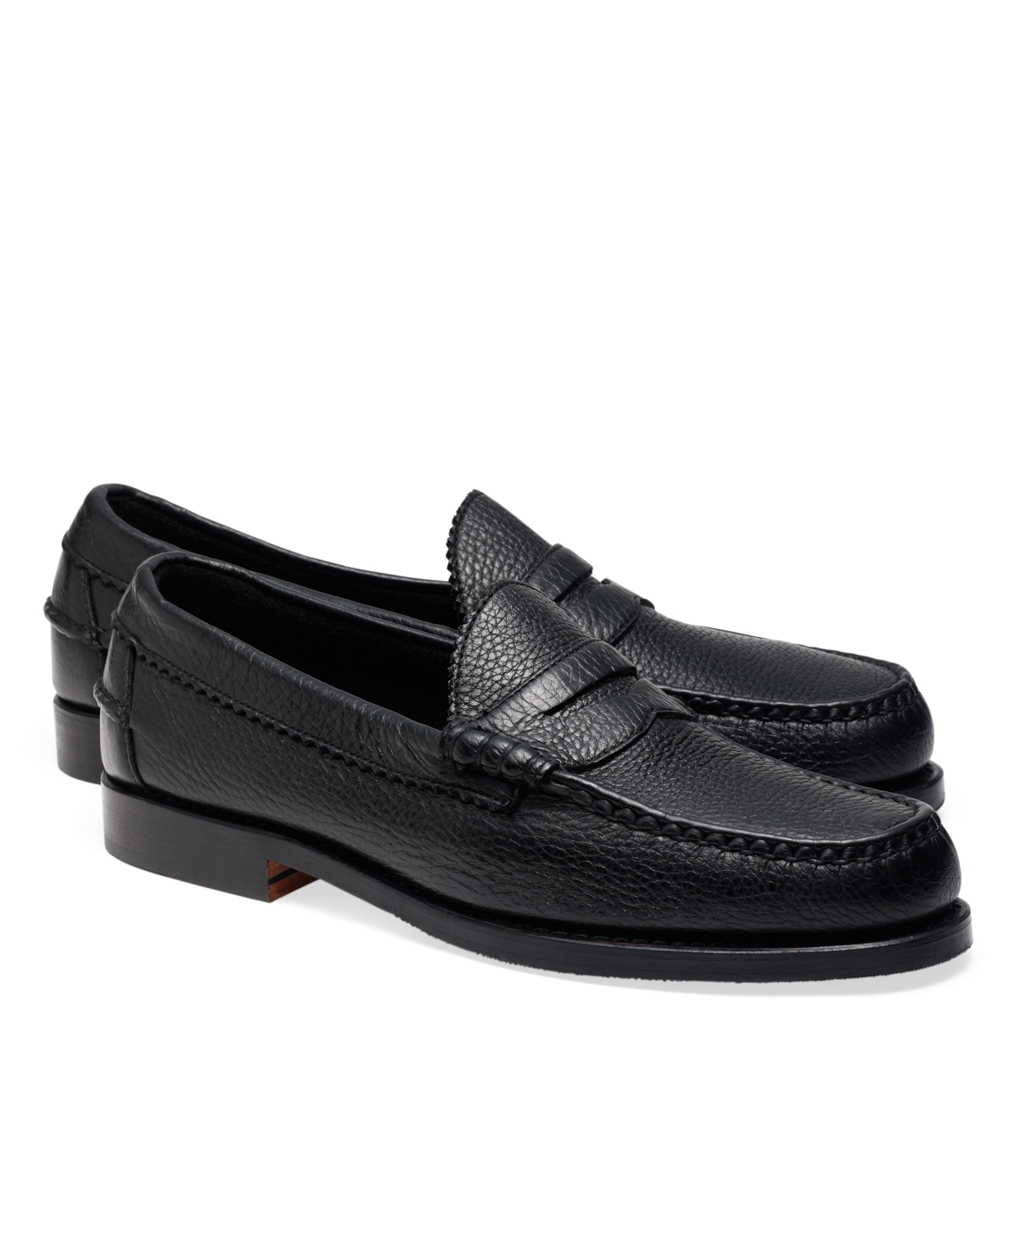 Allen Edmonds Men S Shoe Kenwood Brooks Brothers Black